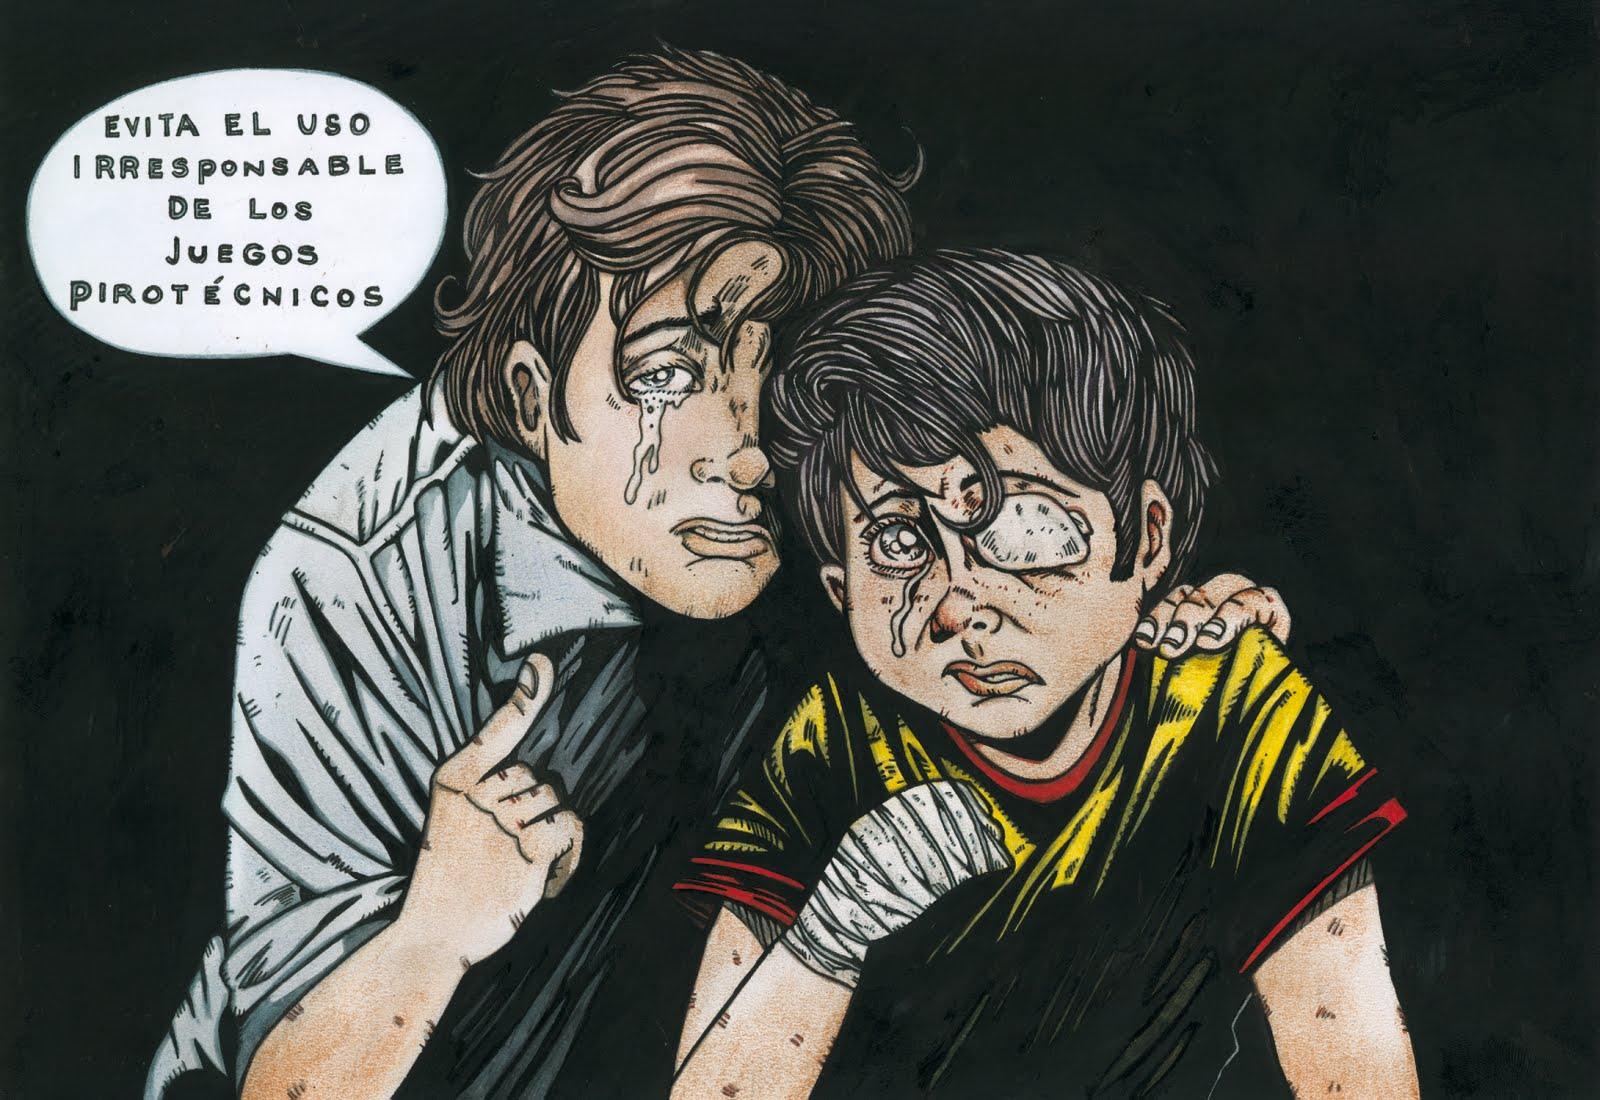 Leonidas Valcarcel Afiches Sobre El Mal Uso De Los Juegos Pirotecnicos